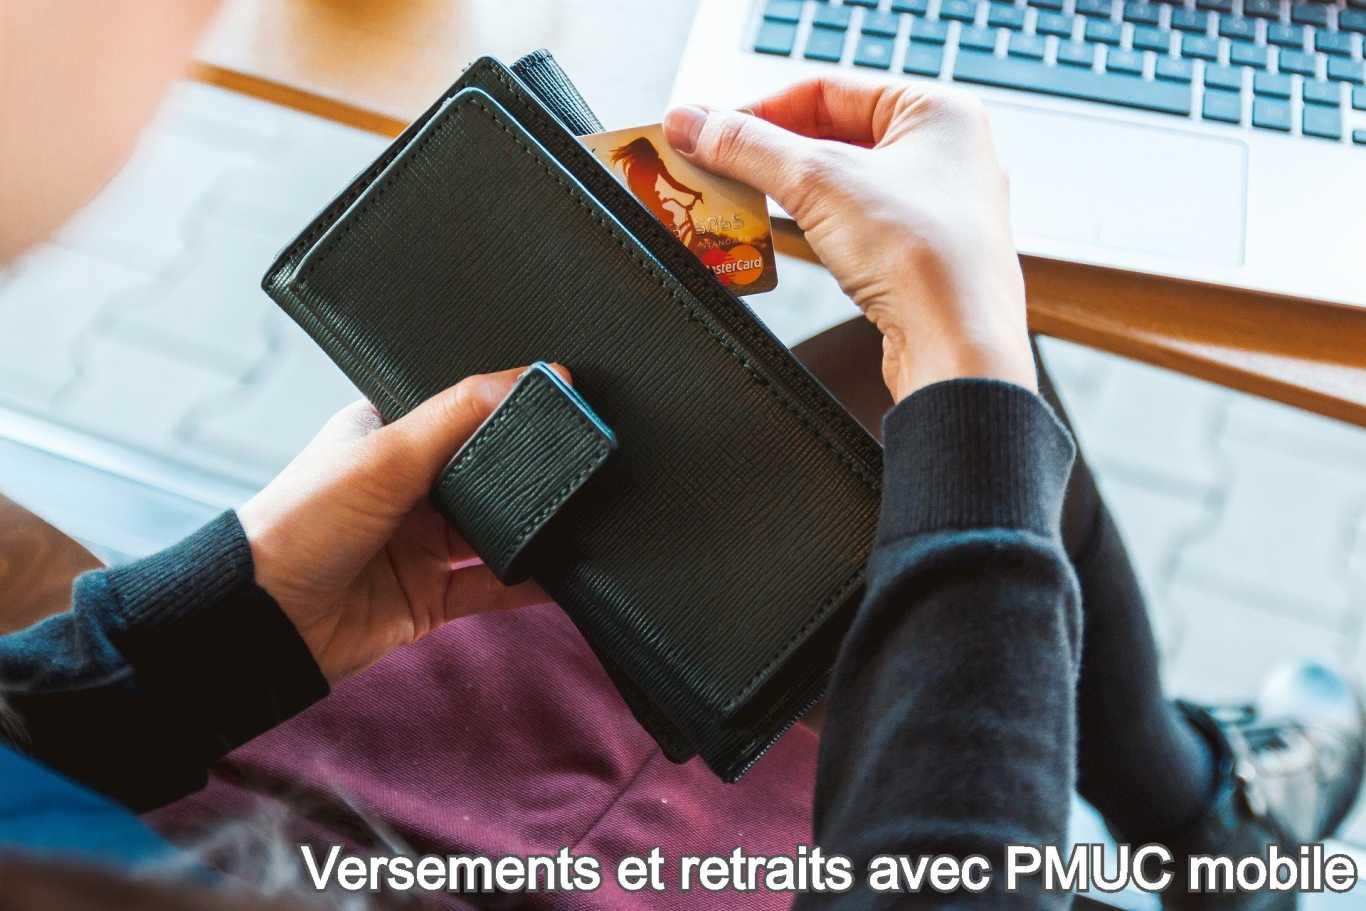 Versements et retraits avec PMUC mobile